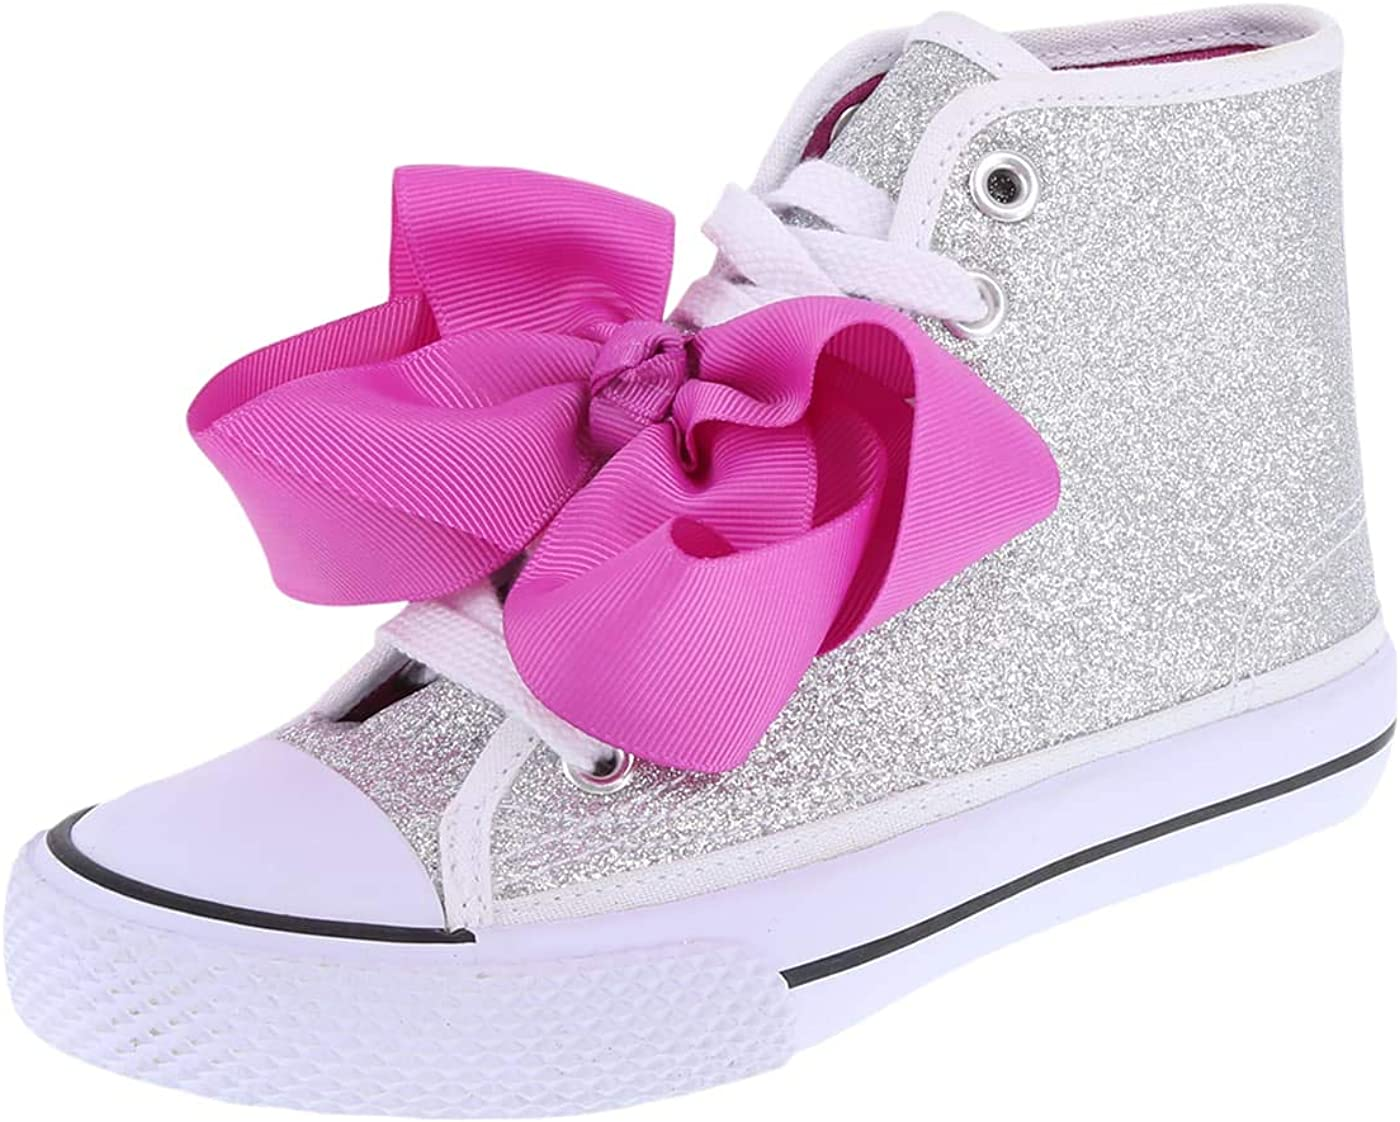 payless shoes jojo siwa